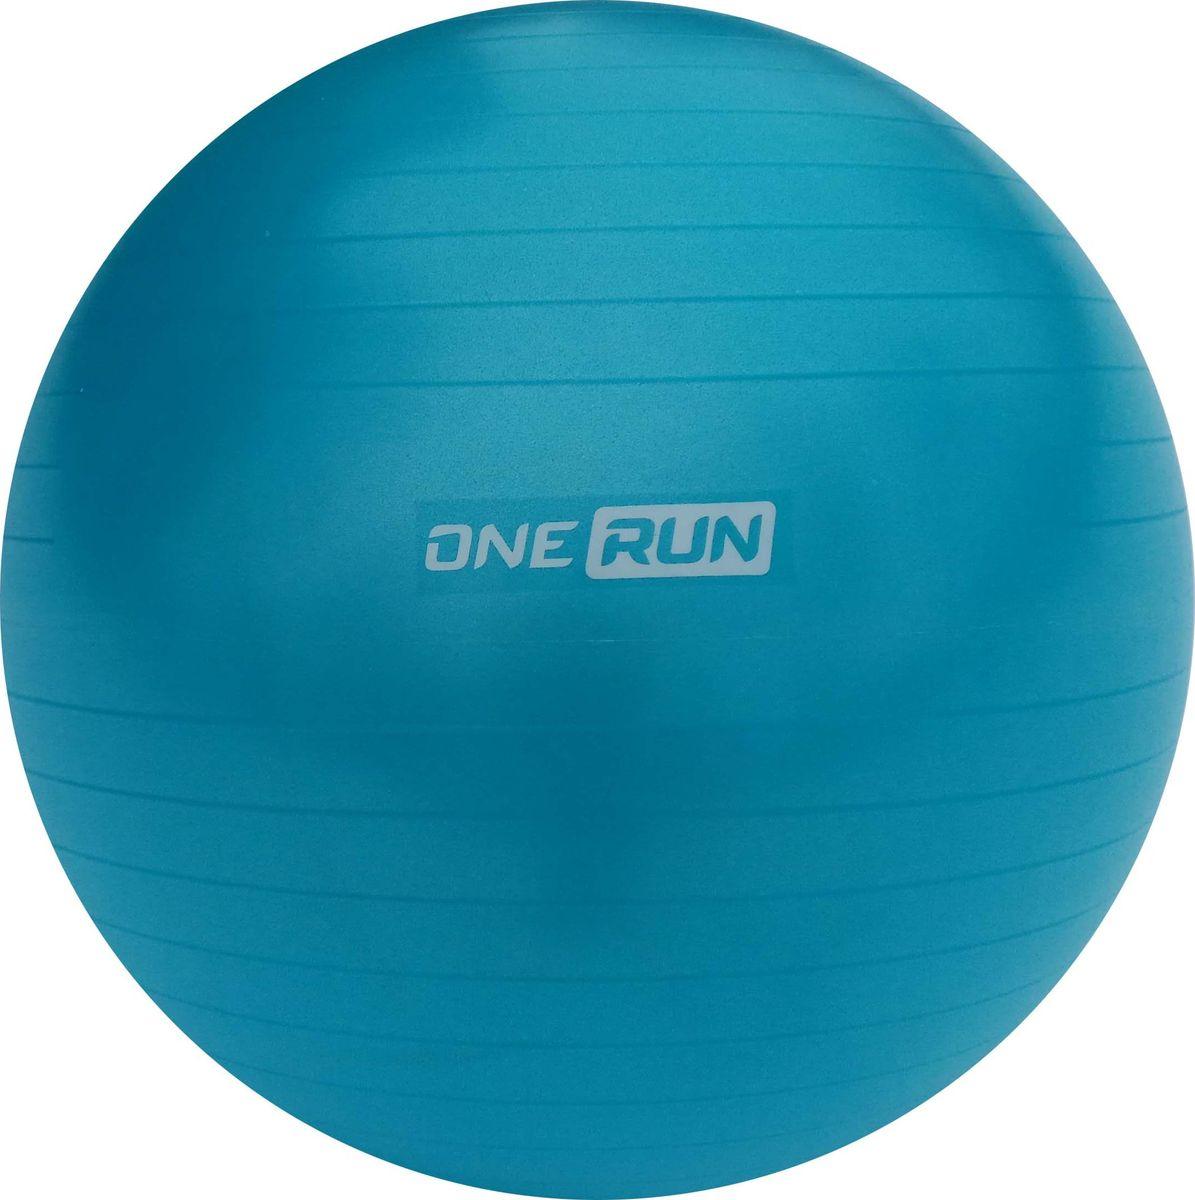 Мяч гимнастический OneRun, анти-взрыв, цвет: голубой, 75 см495-4825Гимнастический мяч OneRun служит для тренировки как мышц пресса и корпуса, так и других мышечных групп. Его можно использовать в любом возрасте правильно подобрав необходимый размер. При изготовлении мяча использован прочный и экологичный ПВХ, что гарантирует его долгую службу и безопасность. Специальная технология Anti-burst обеспечивает защиту от взрыва. Максимальный вес пользователя: 120 кг.